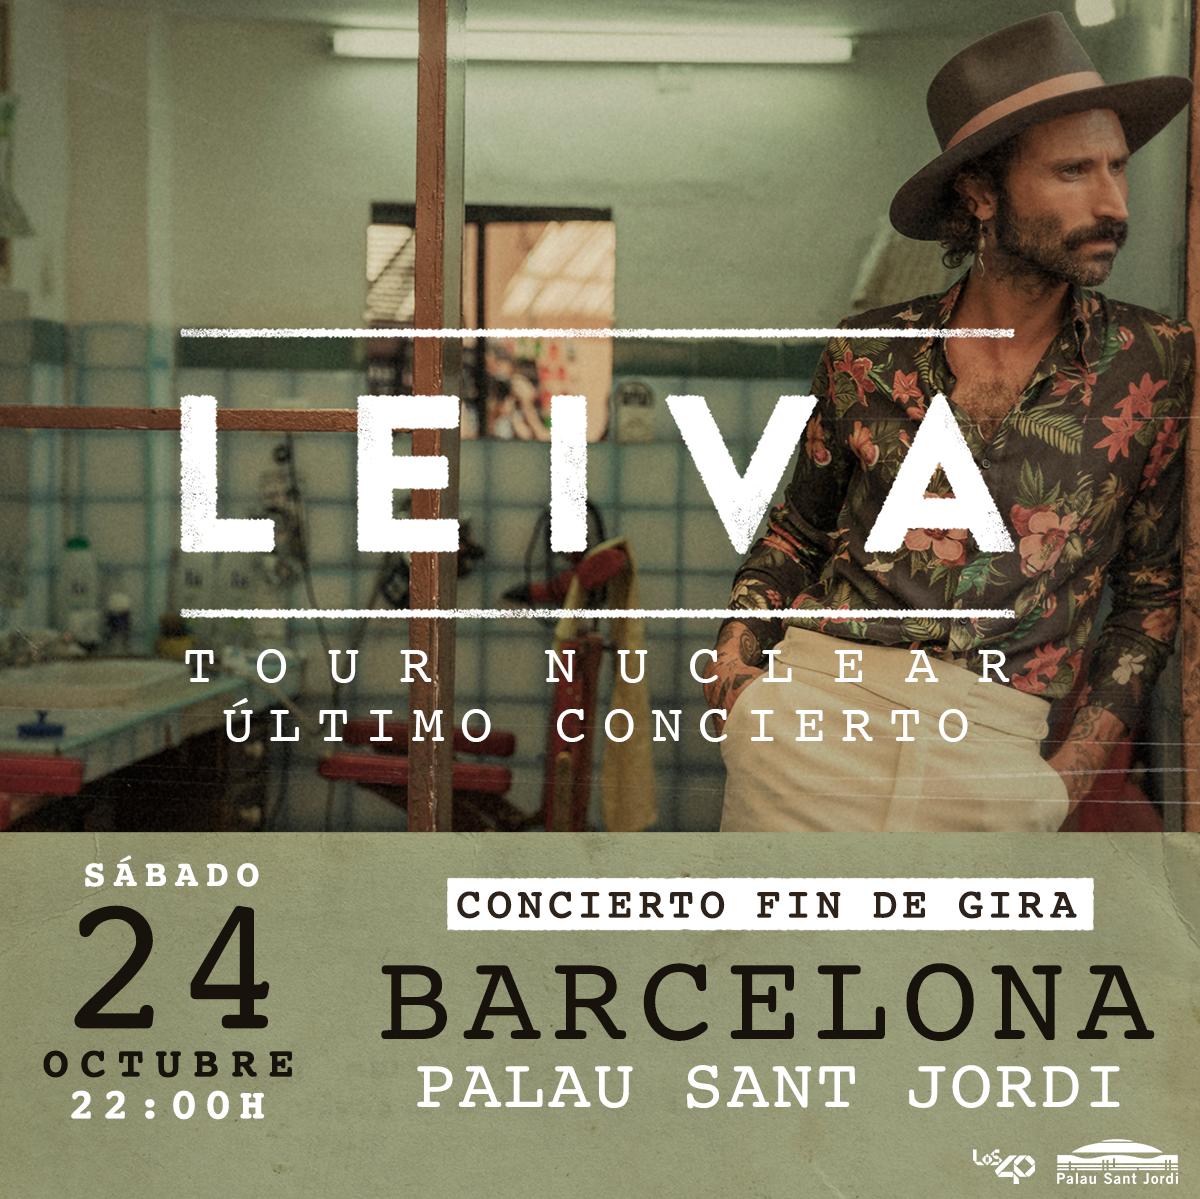 LEIVA ANUNCIA EL FIN DE GIRA  DE SU TOUR NUCLEAR EL 24 DE OCTUBRE EN EL PALAU SANT JORDI DE BARCELONA